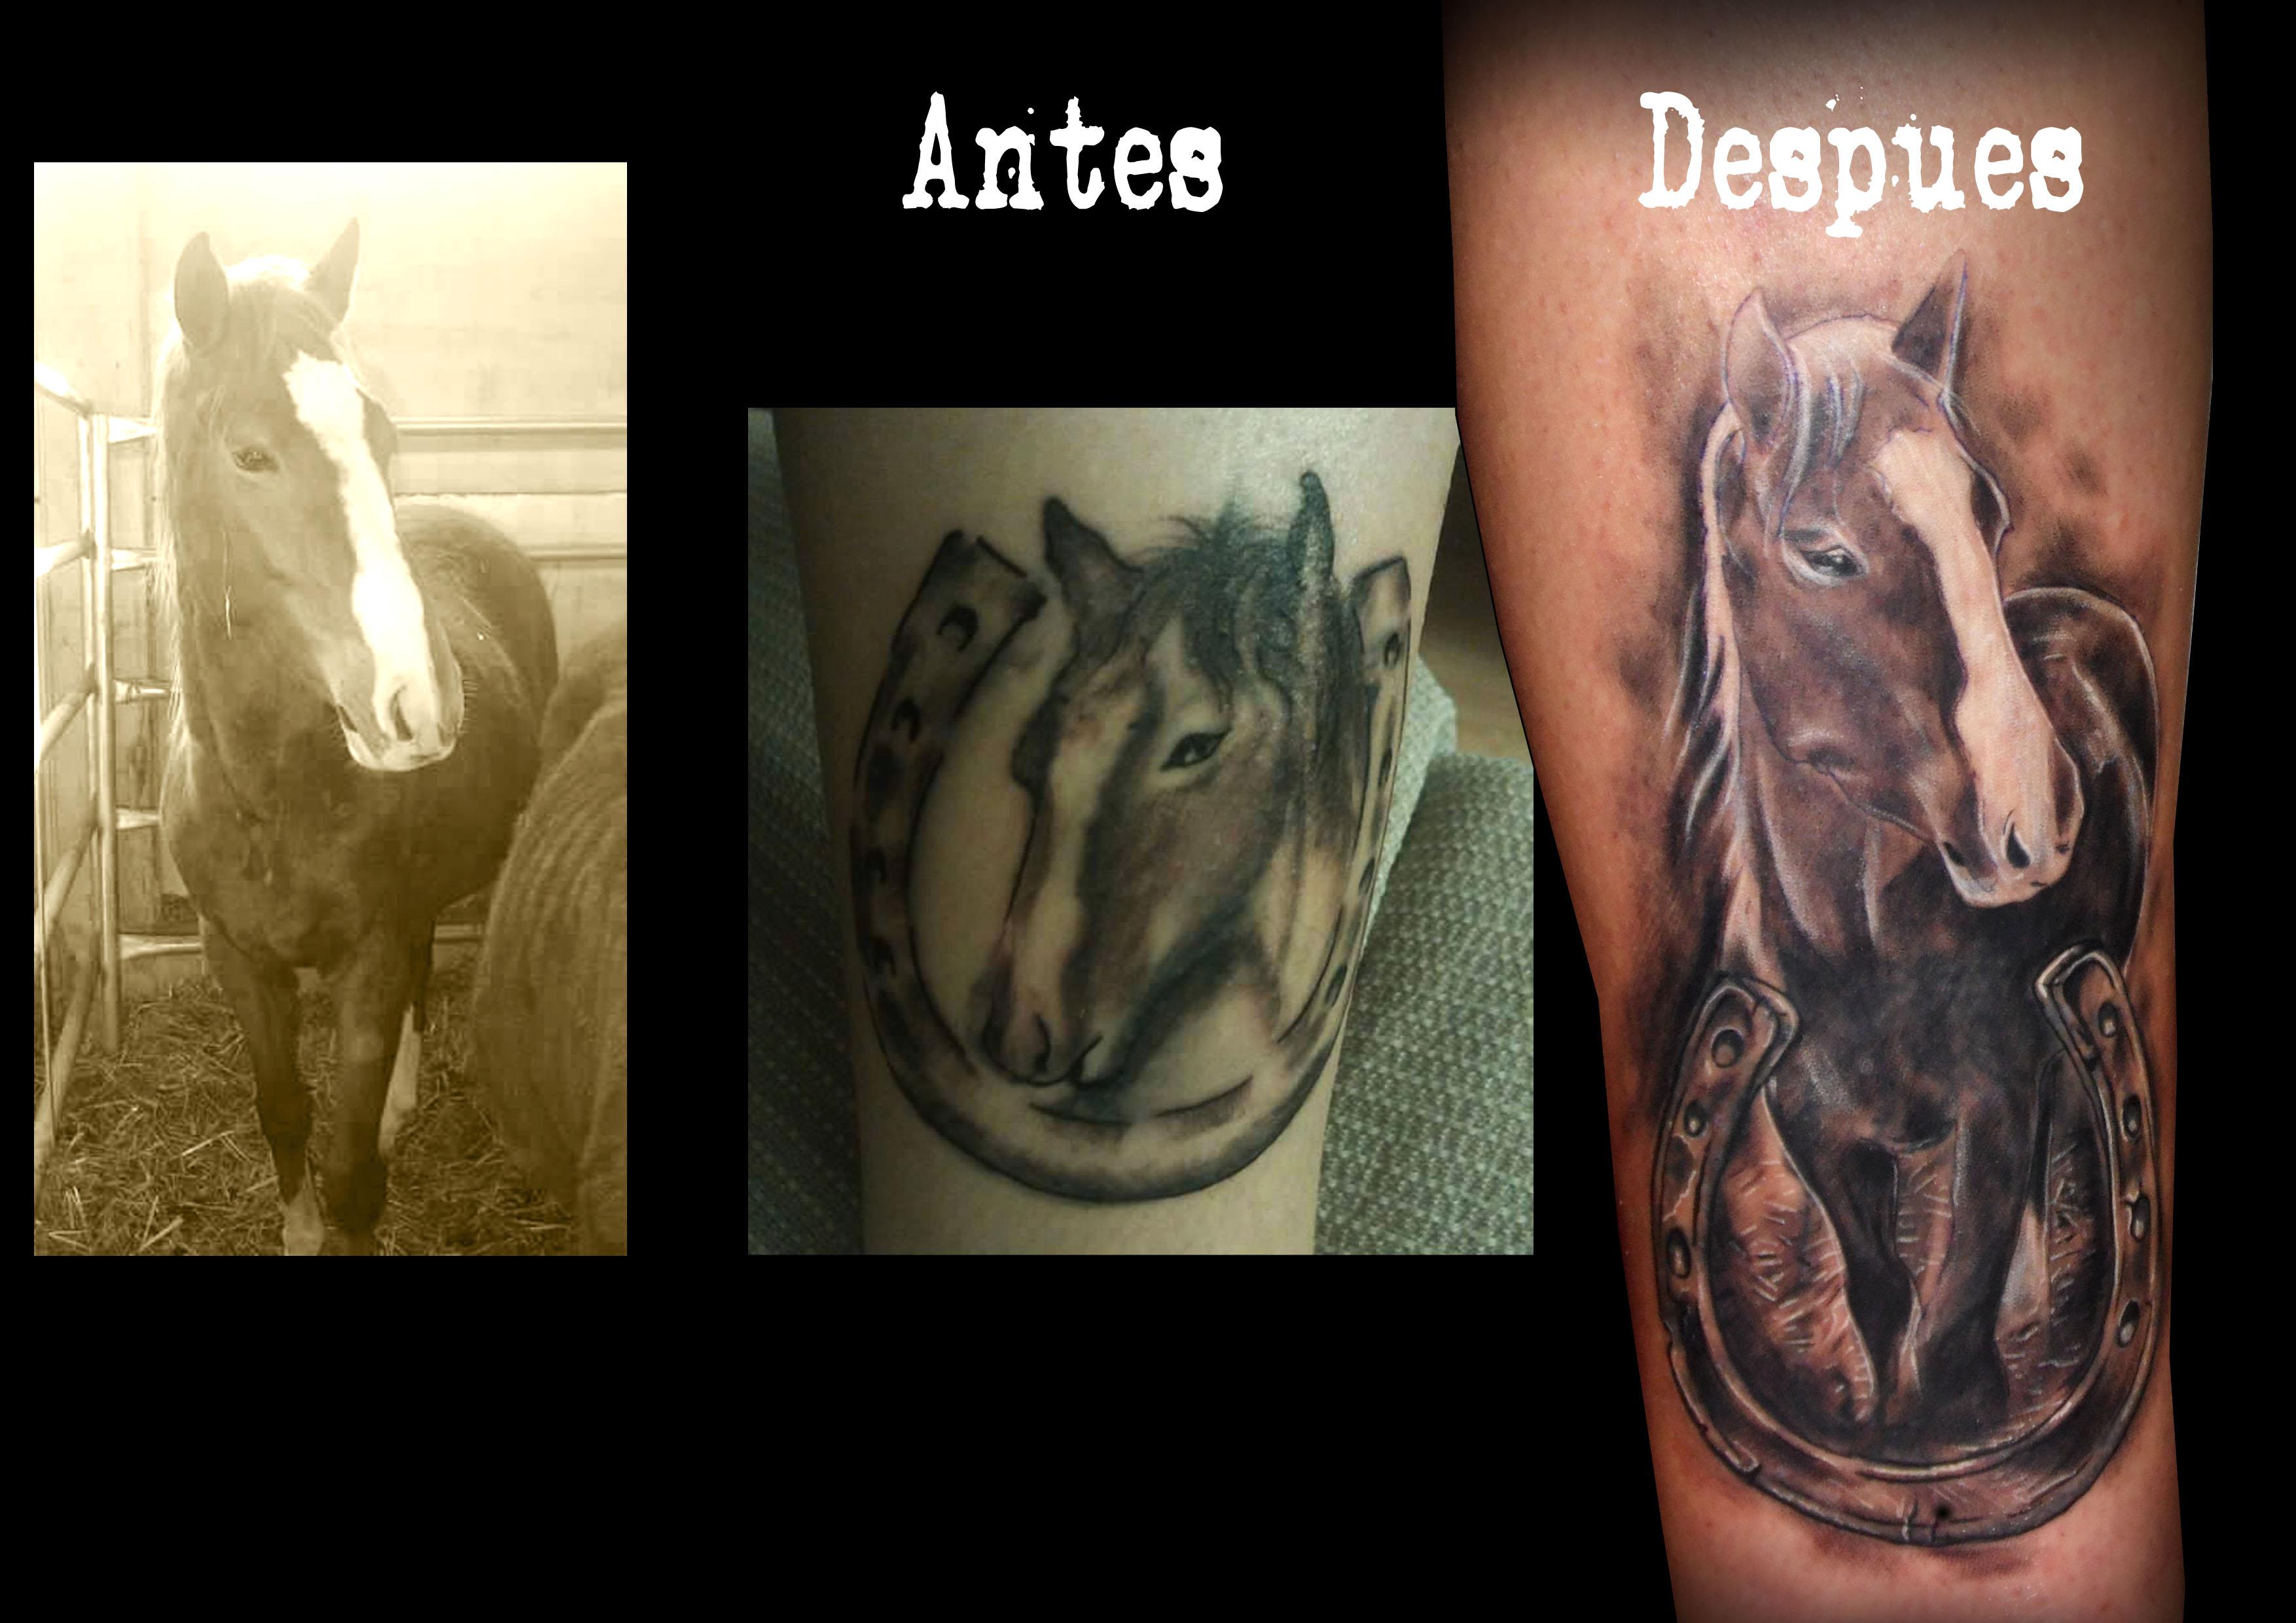 Tatuaje Caballo tatuaje cover caballo 13depicas ⋆ 13depicas♤studio tattoo